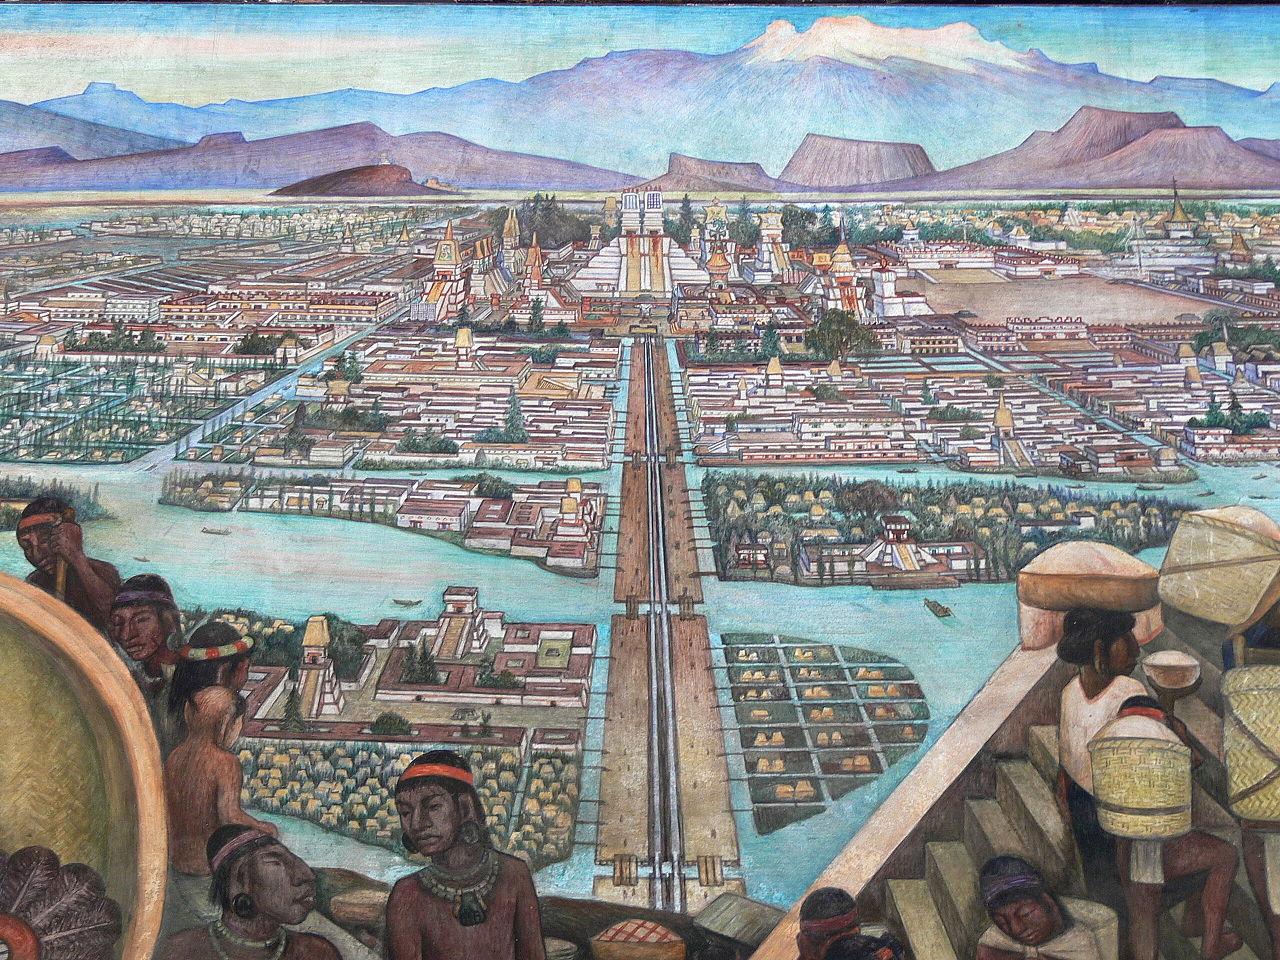 Tenochtitlan war zur Zeit der Konquistadoren eine der größten, schönsten und reichsten Städte der Welt - heute ist Tenochtitlan die mexikanische Hauptstadt Mexiko-Stadt